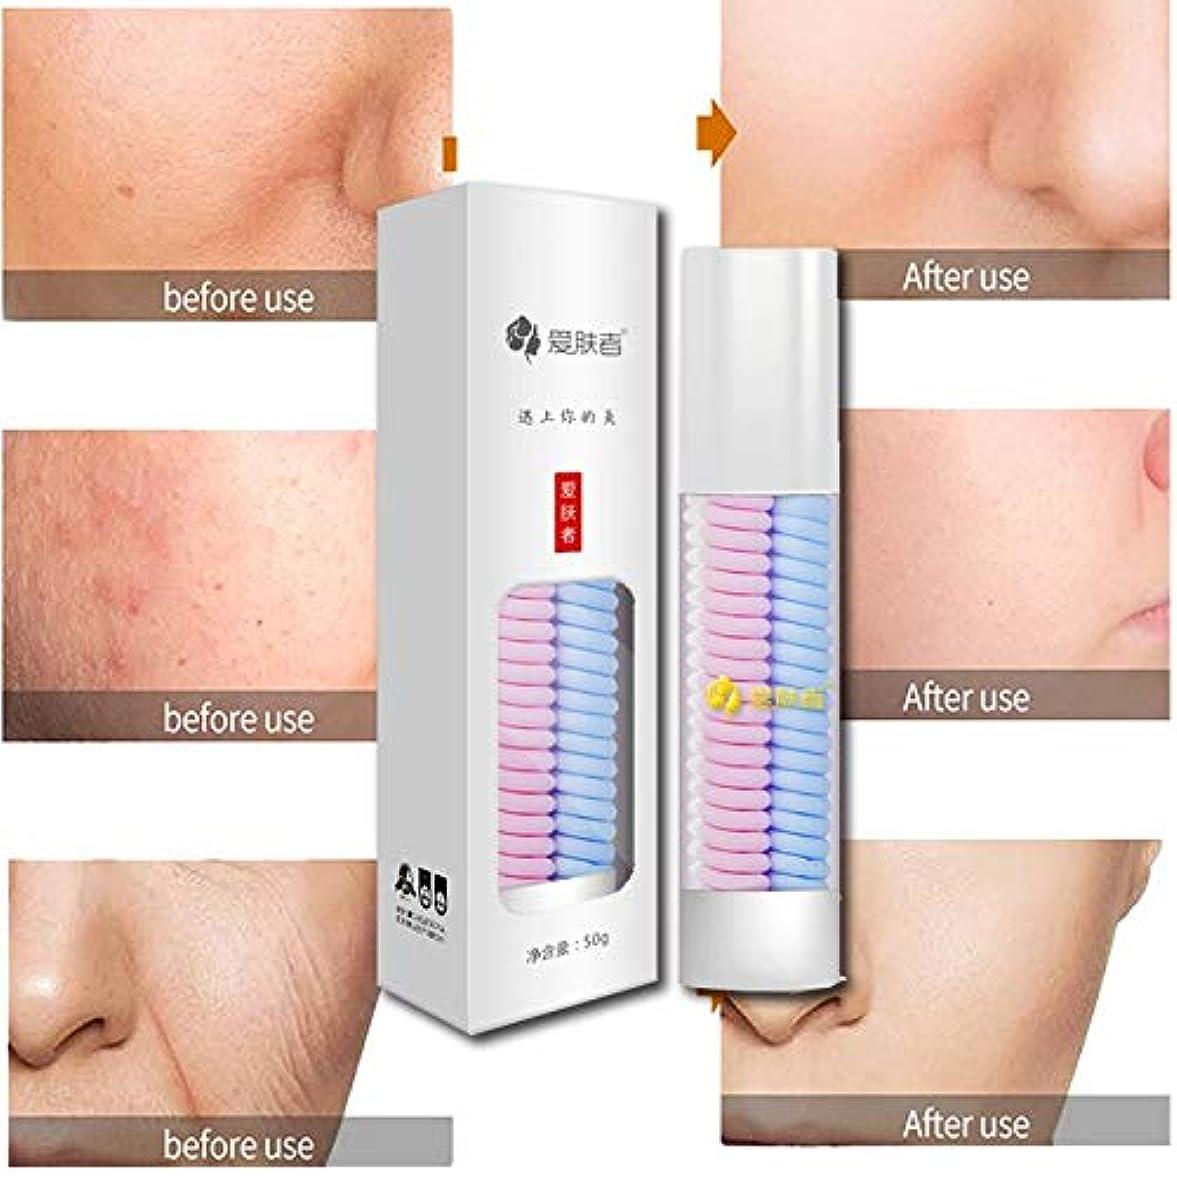 好む家架空の保湿顔寧クリームの電子抗しわ年齢ケアのRIR cremasはhidratante顔面edad抗faciales